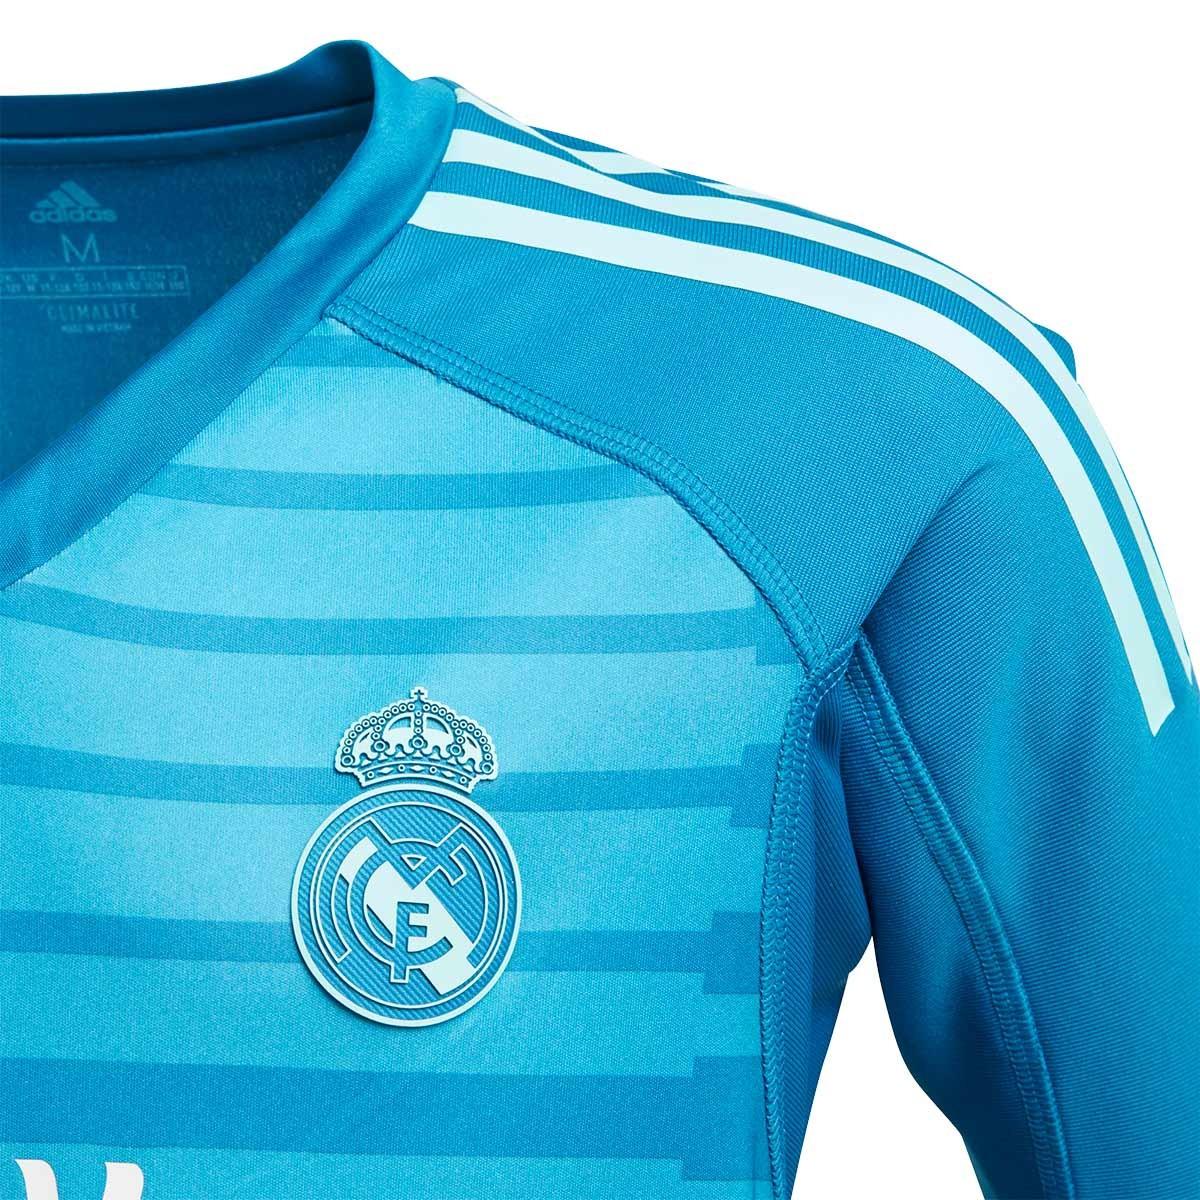 5e66ba34c1c Camiseta adidas Real Madrid Portero Segunda Equipación 2018-2019 Niño Bold  aqua-Unity blue - Tienda de fútbol Fútbol Emotion